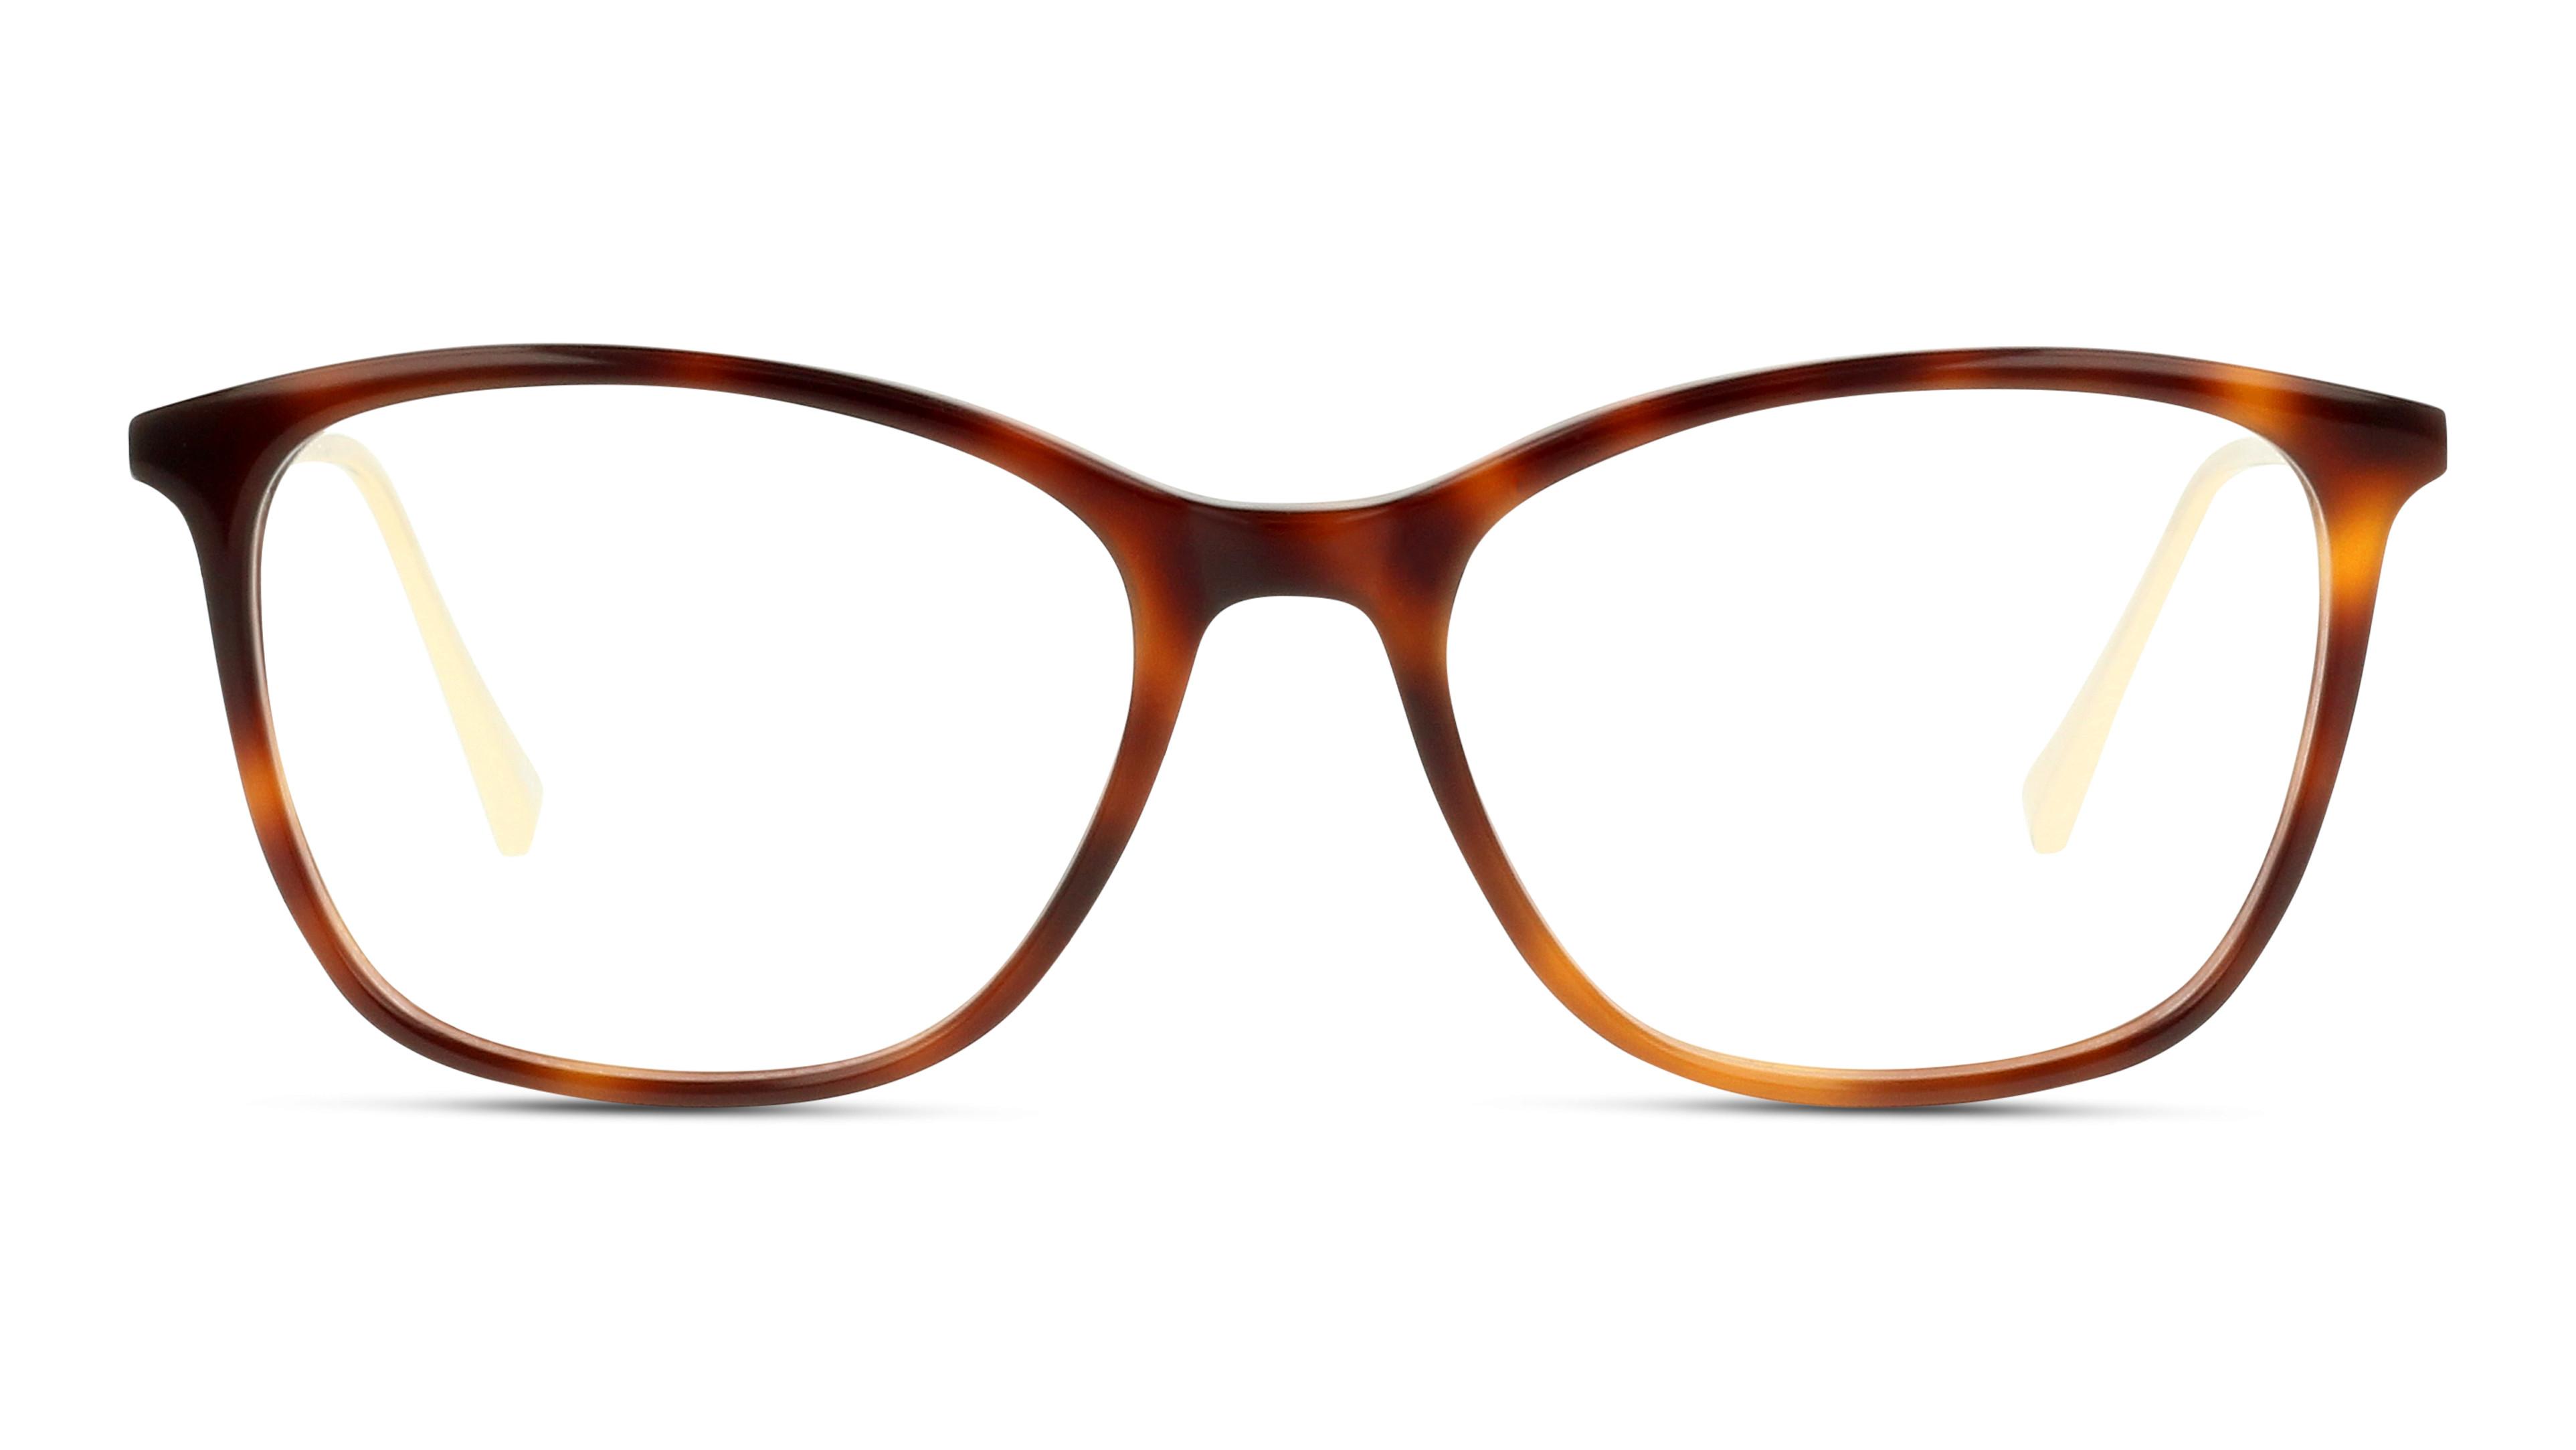 886895327046-front-01-longchamp-lo2606-eyewear-havana